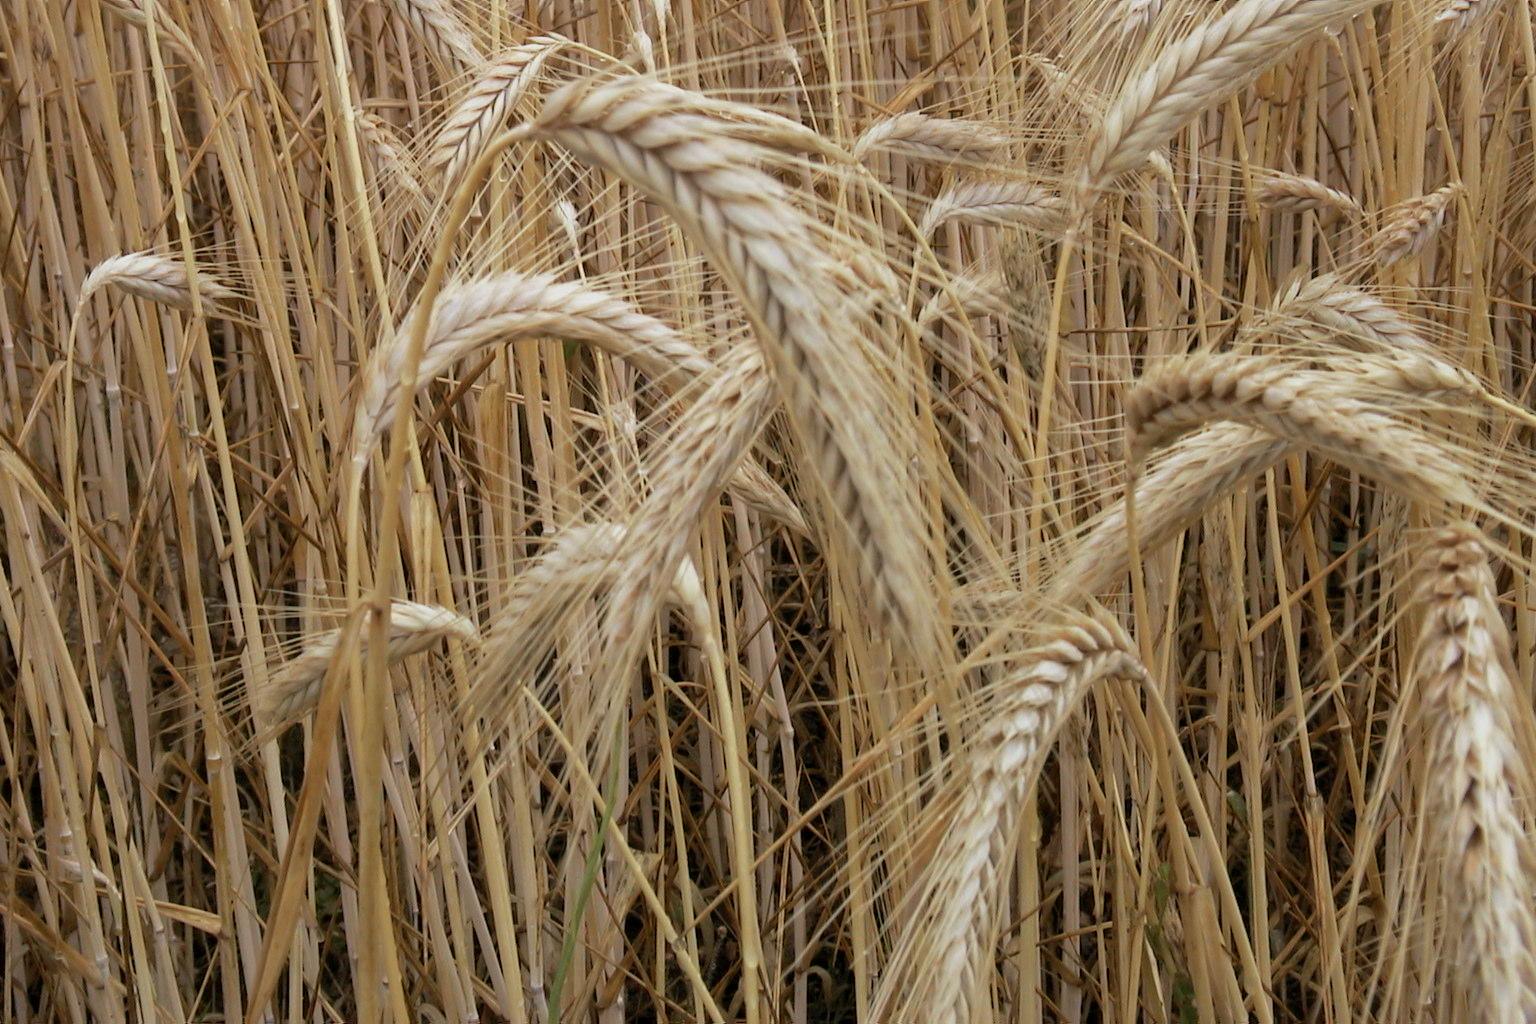 Cultiver de l 39 orge chambre d 39 agriculture haute vienne - Chambre d agriculture haute vienne ...